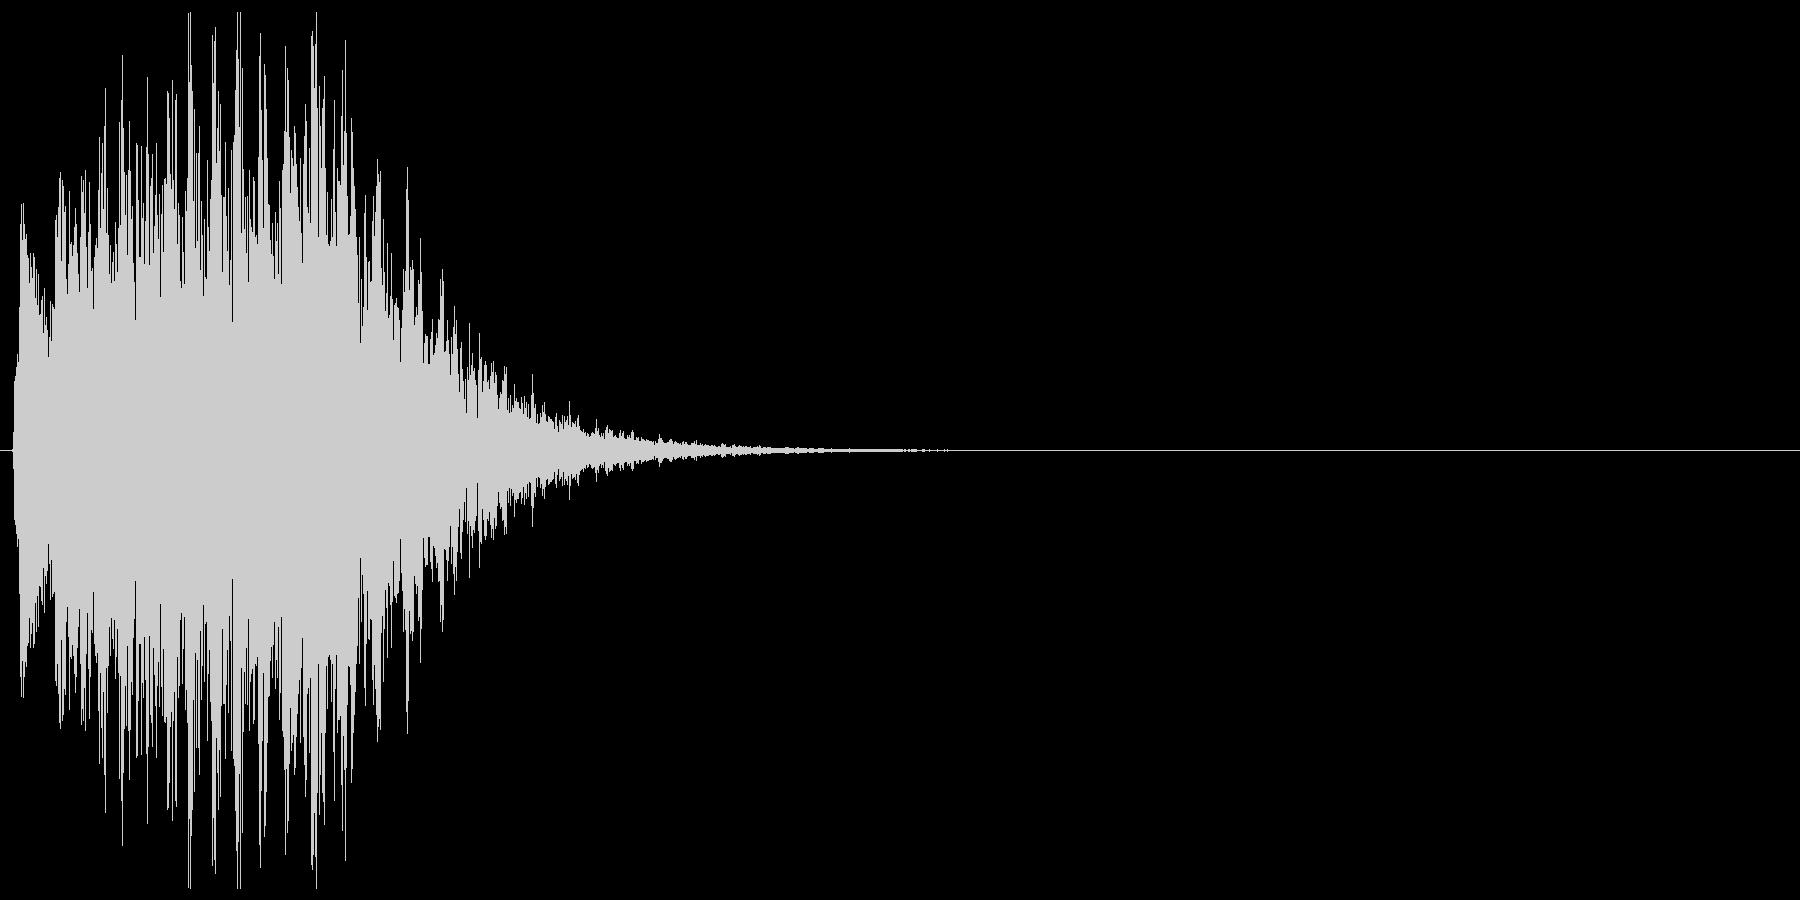 テュルルルルン↓(失敗、ゲームオーバー)の未再生の波形